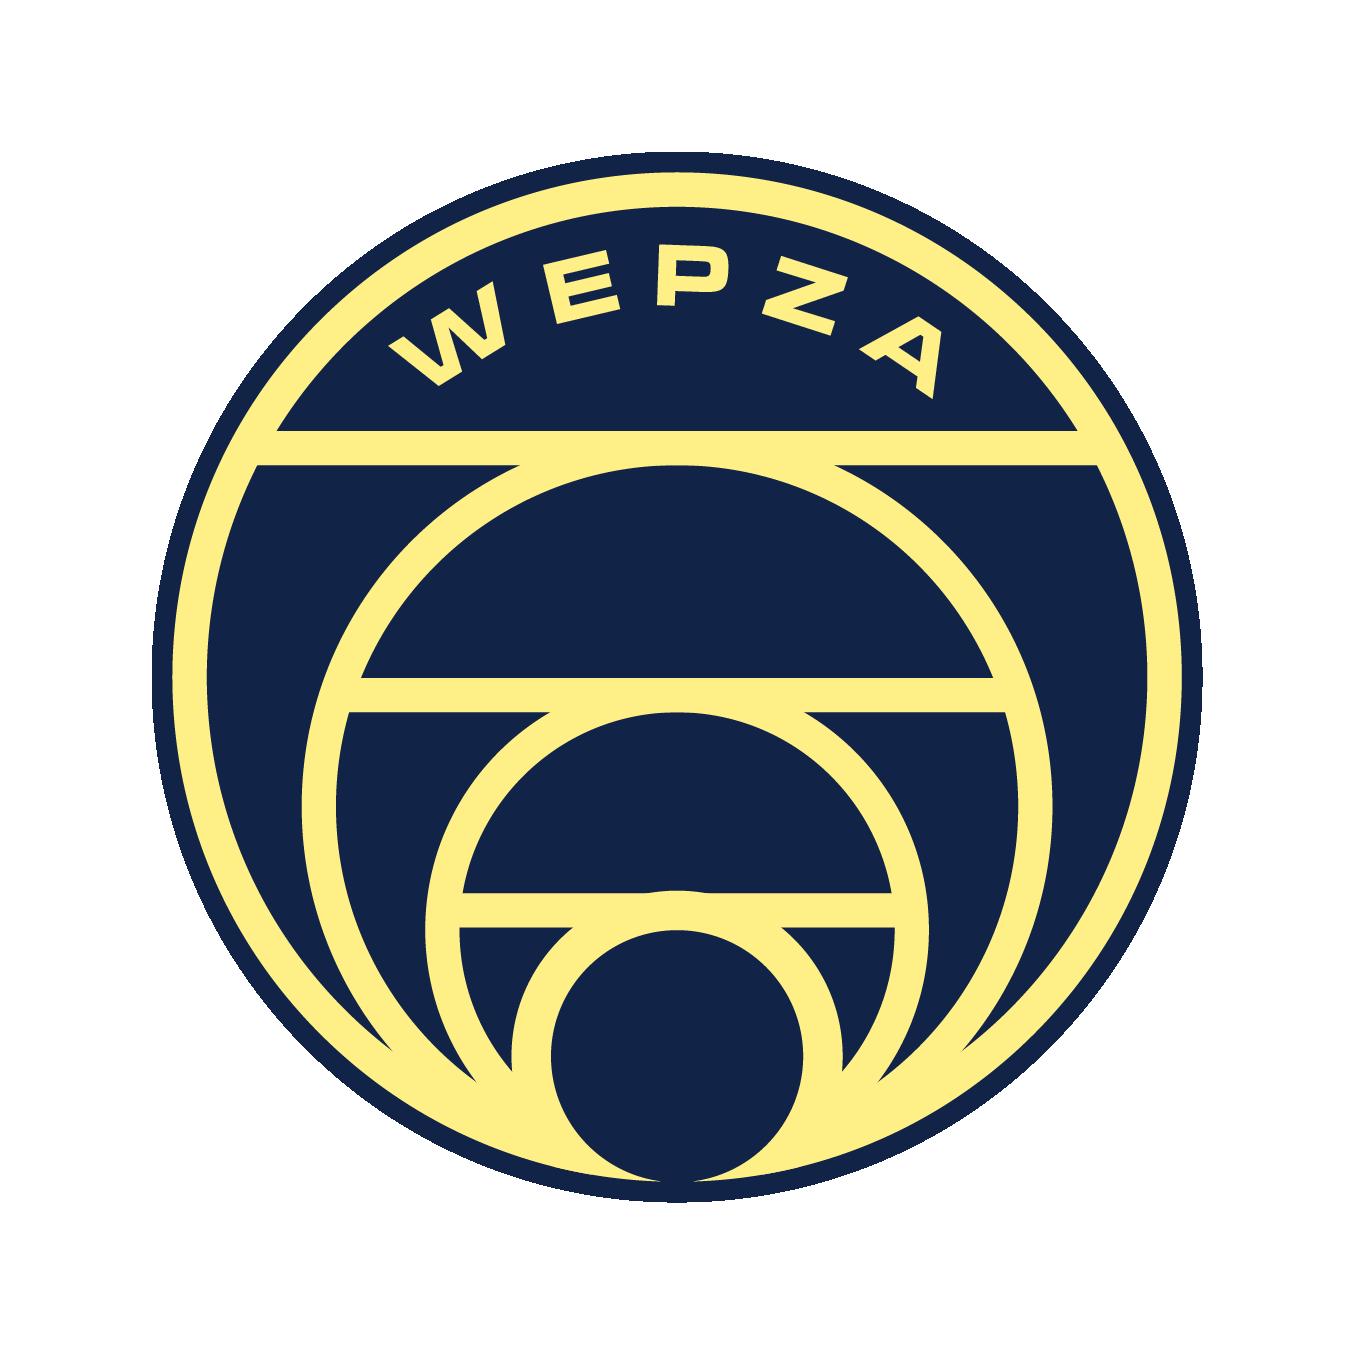 wepza+logo-no+background.png